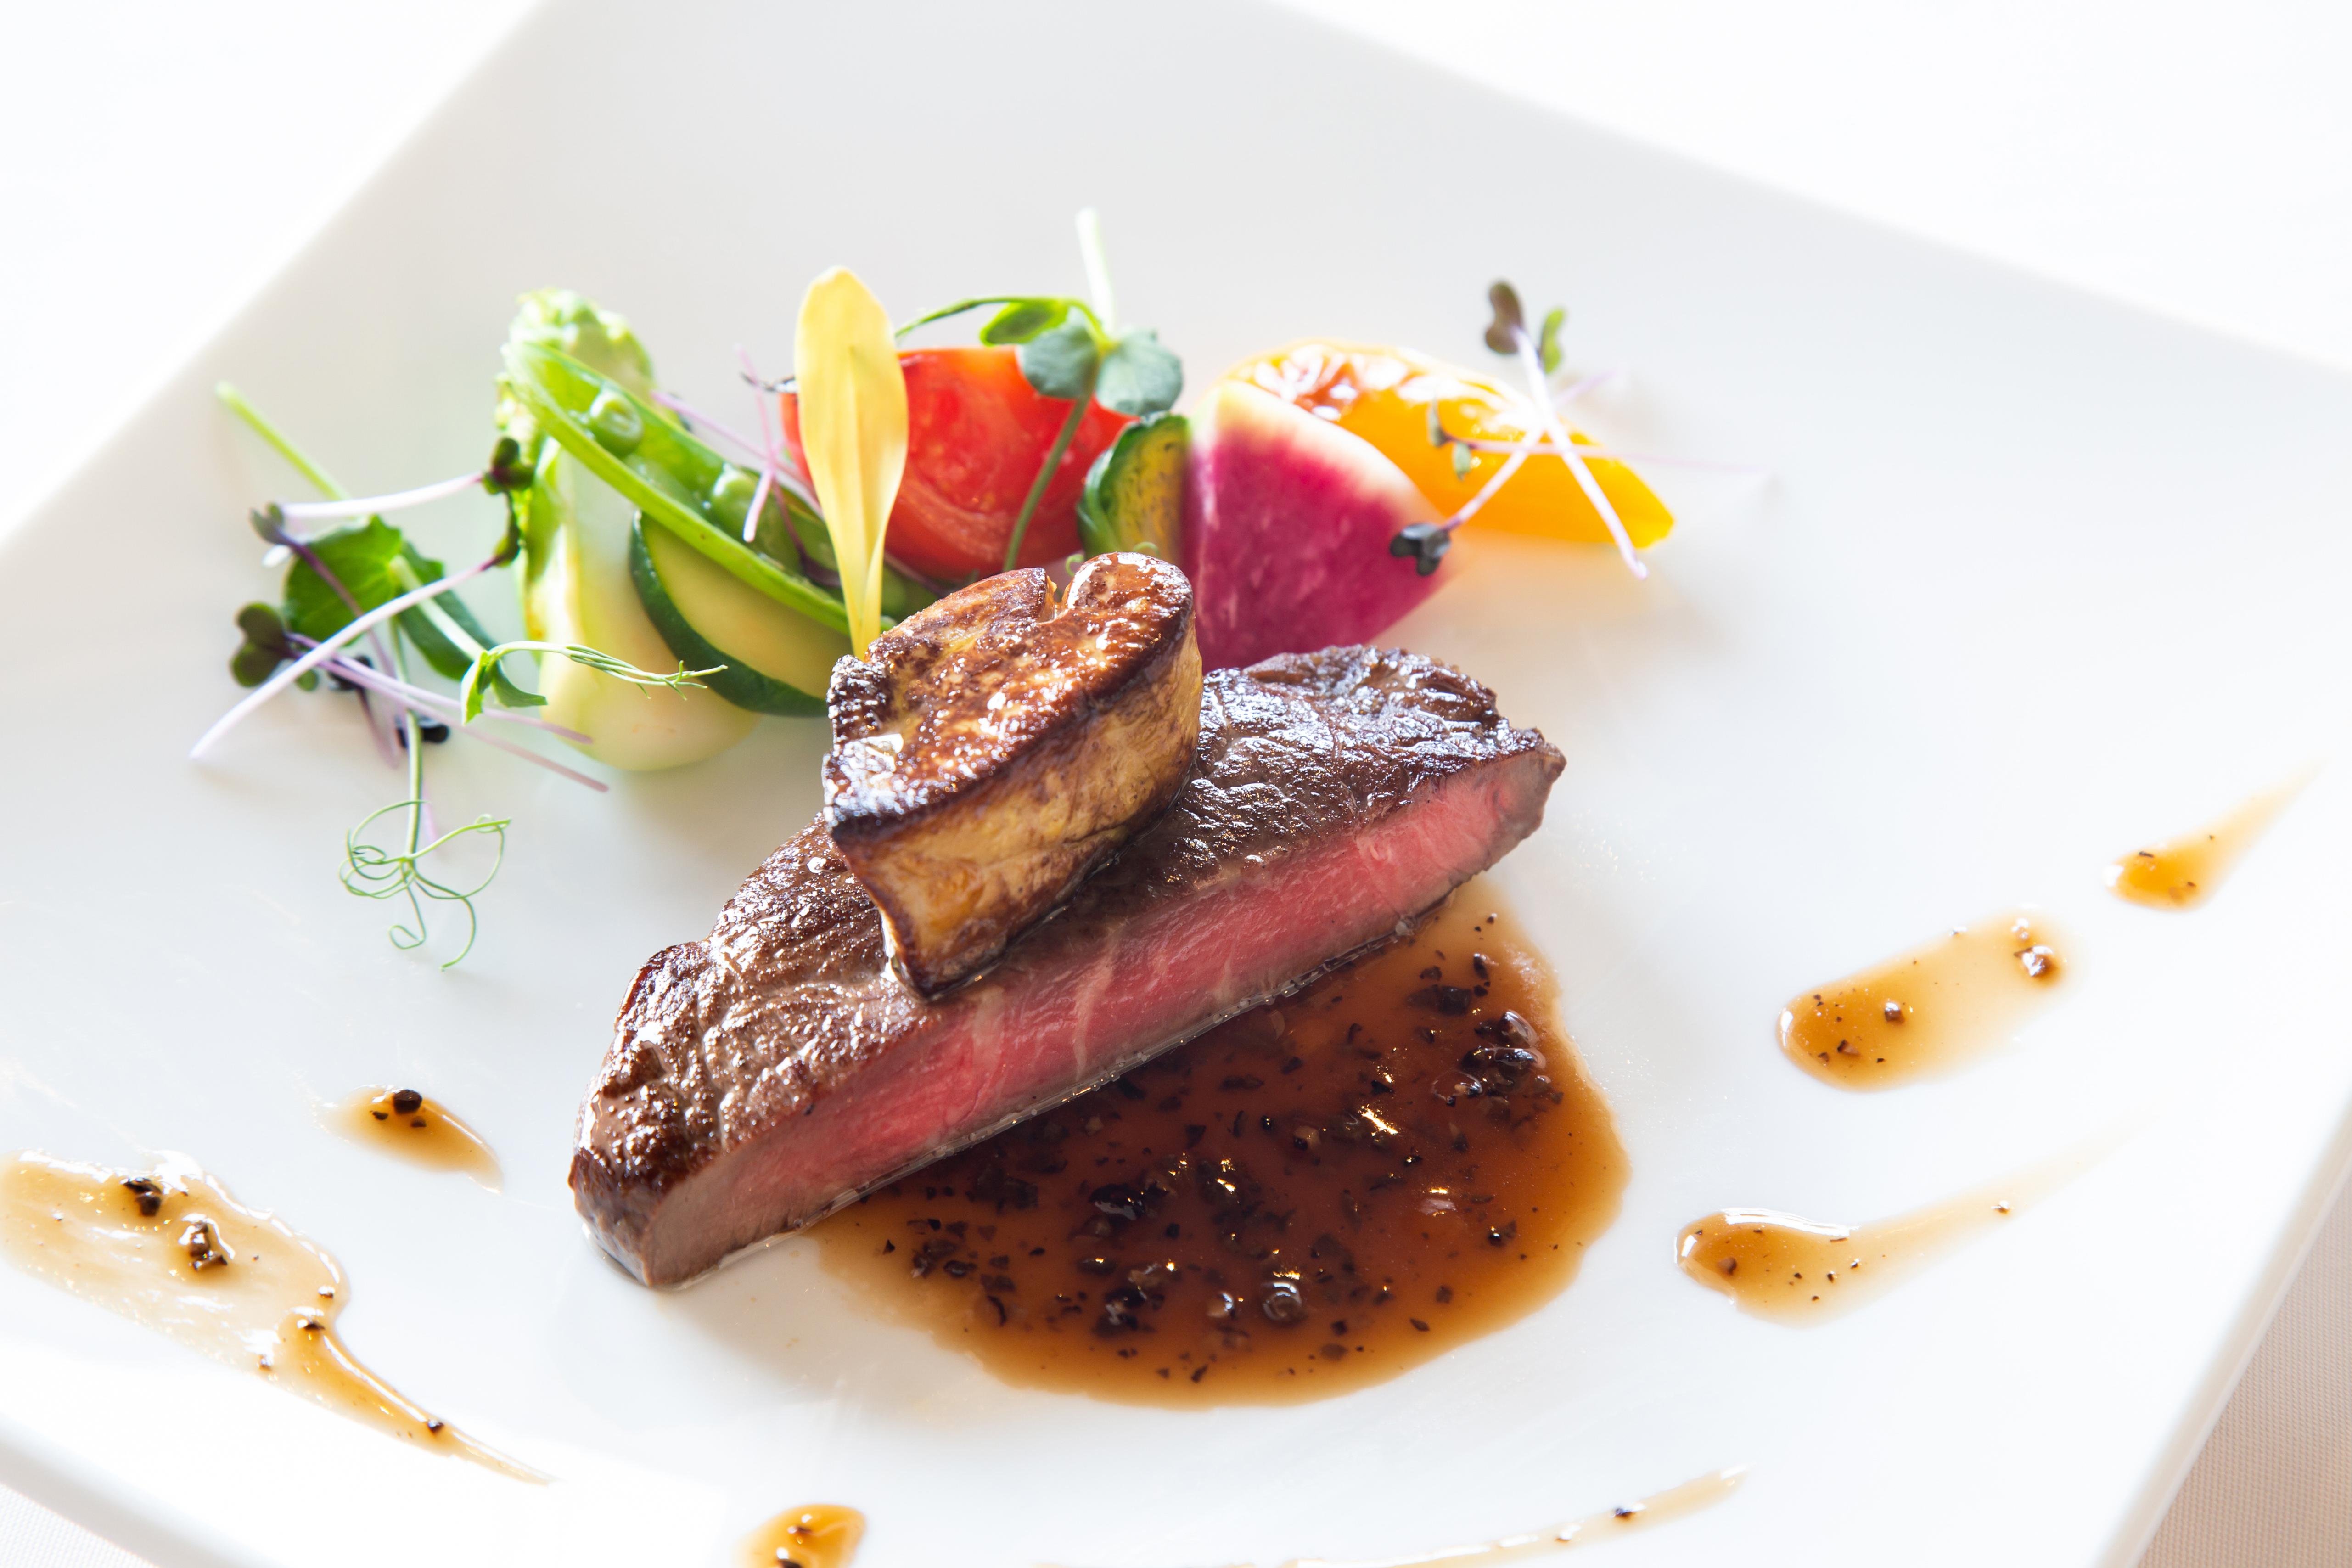 岡山の誇るブランド牛が食べれるのはどこ?